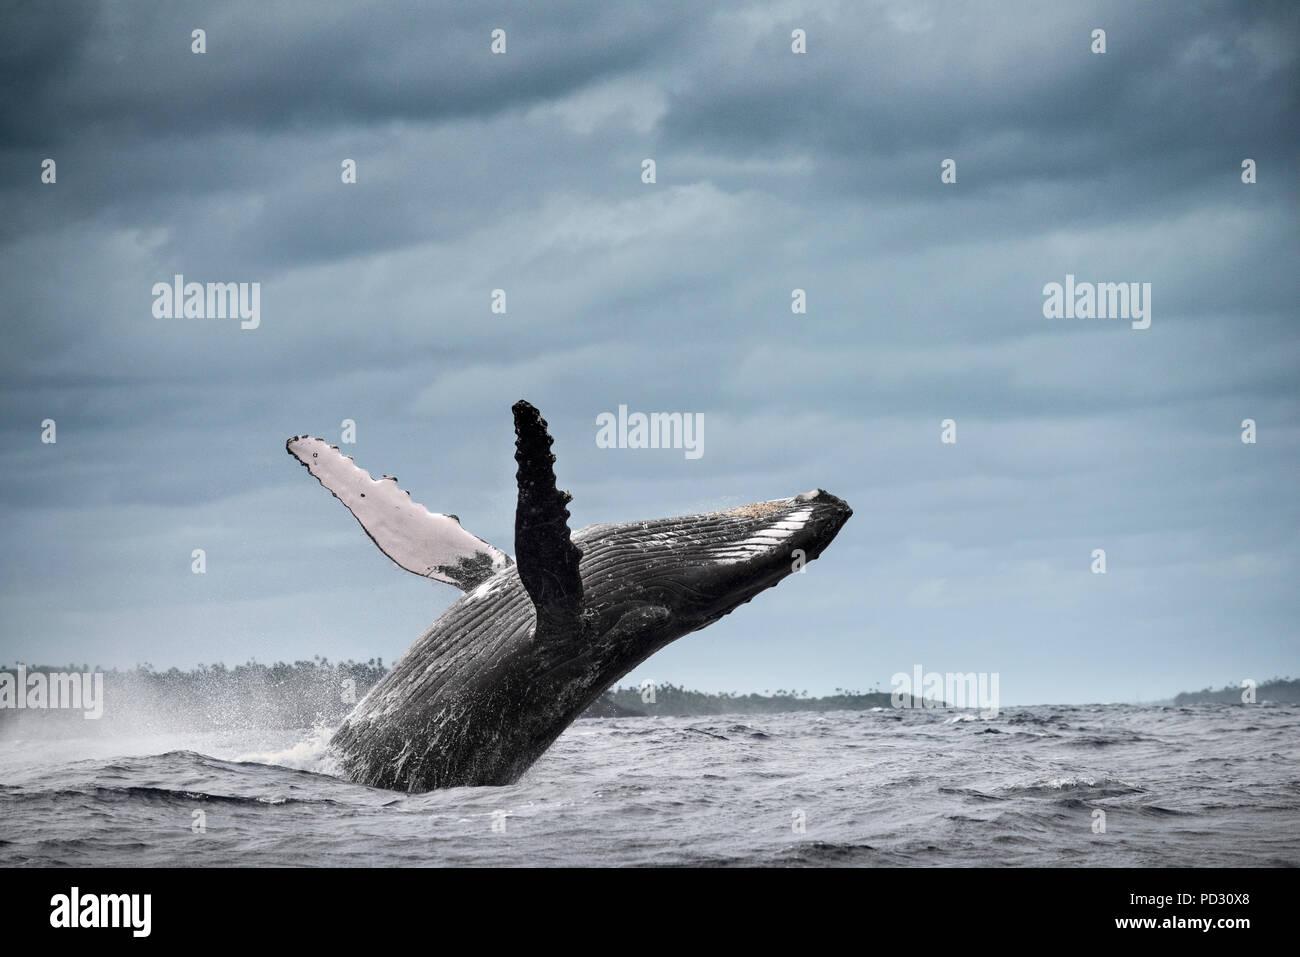 Humpback whale (Megaptera novaeangliae), breaching, Tonga, Fiji - Stock Image